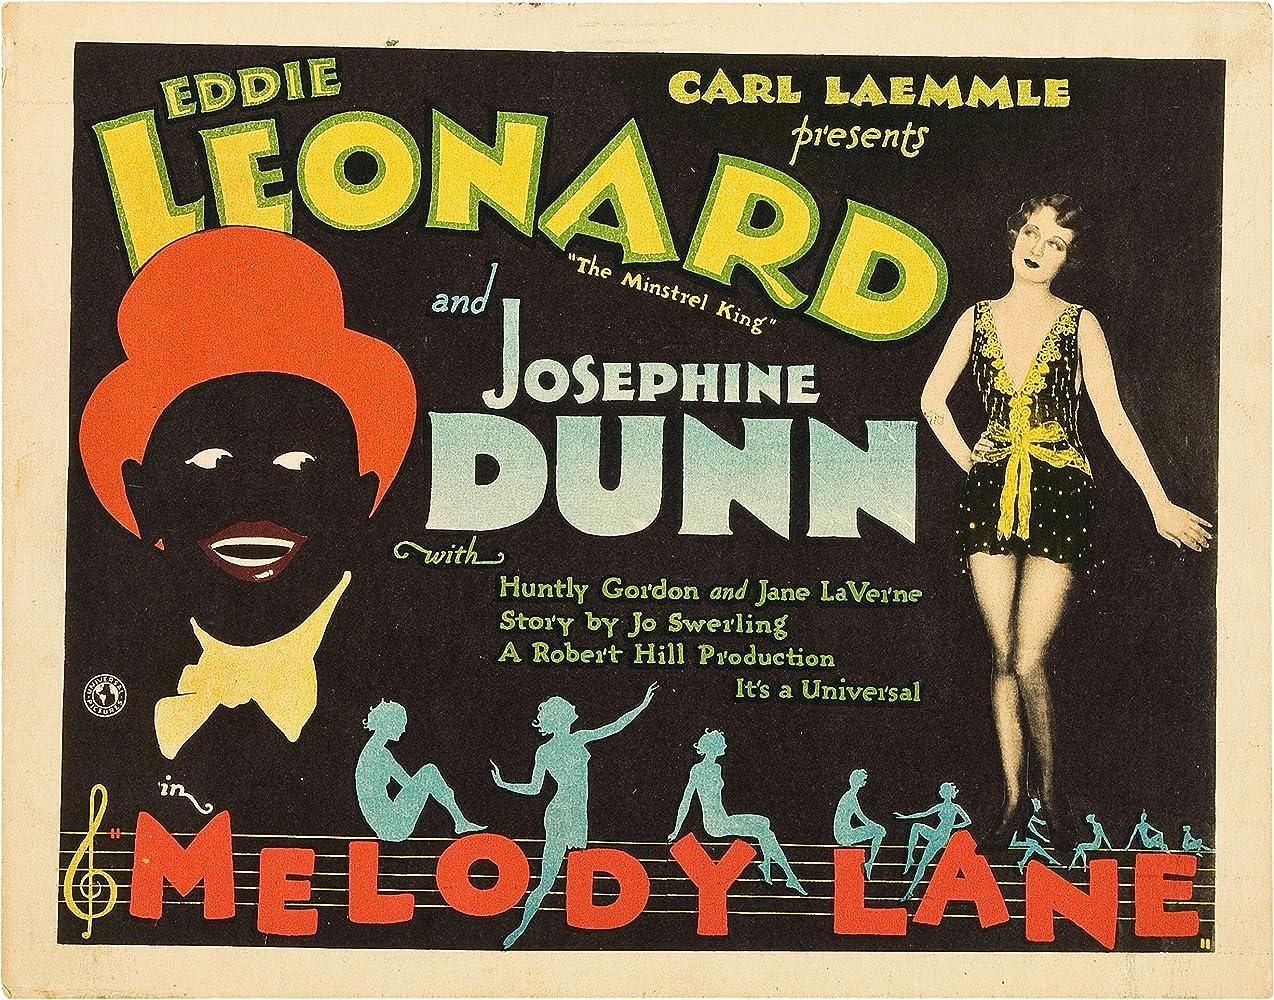 Eddie Leonard